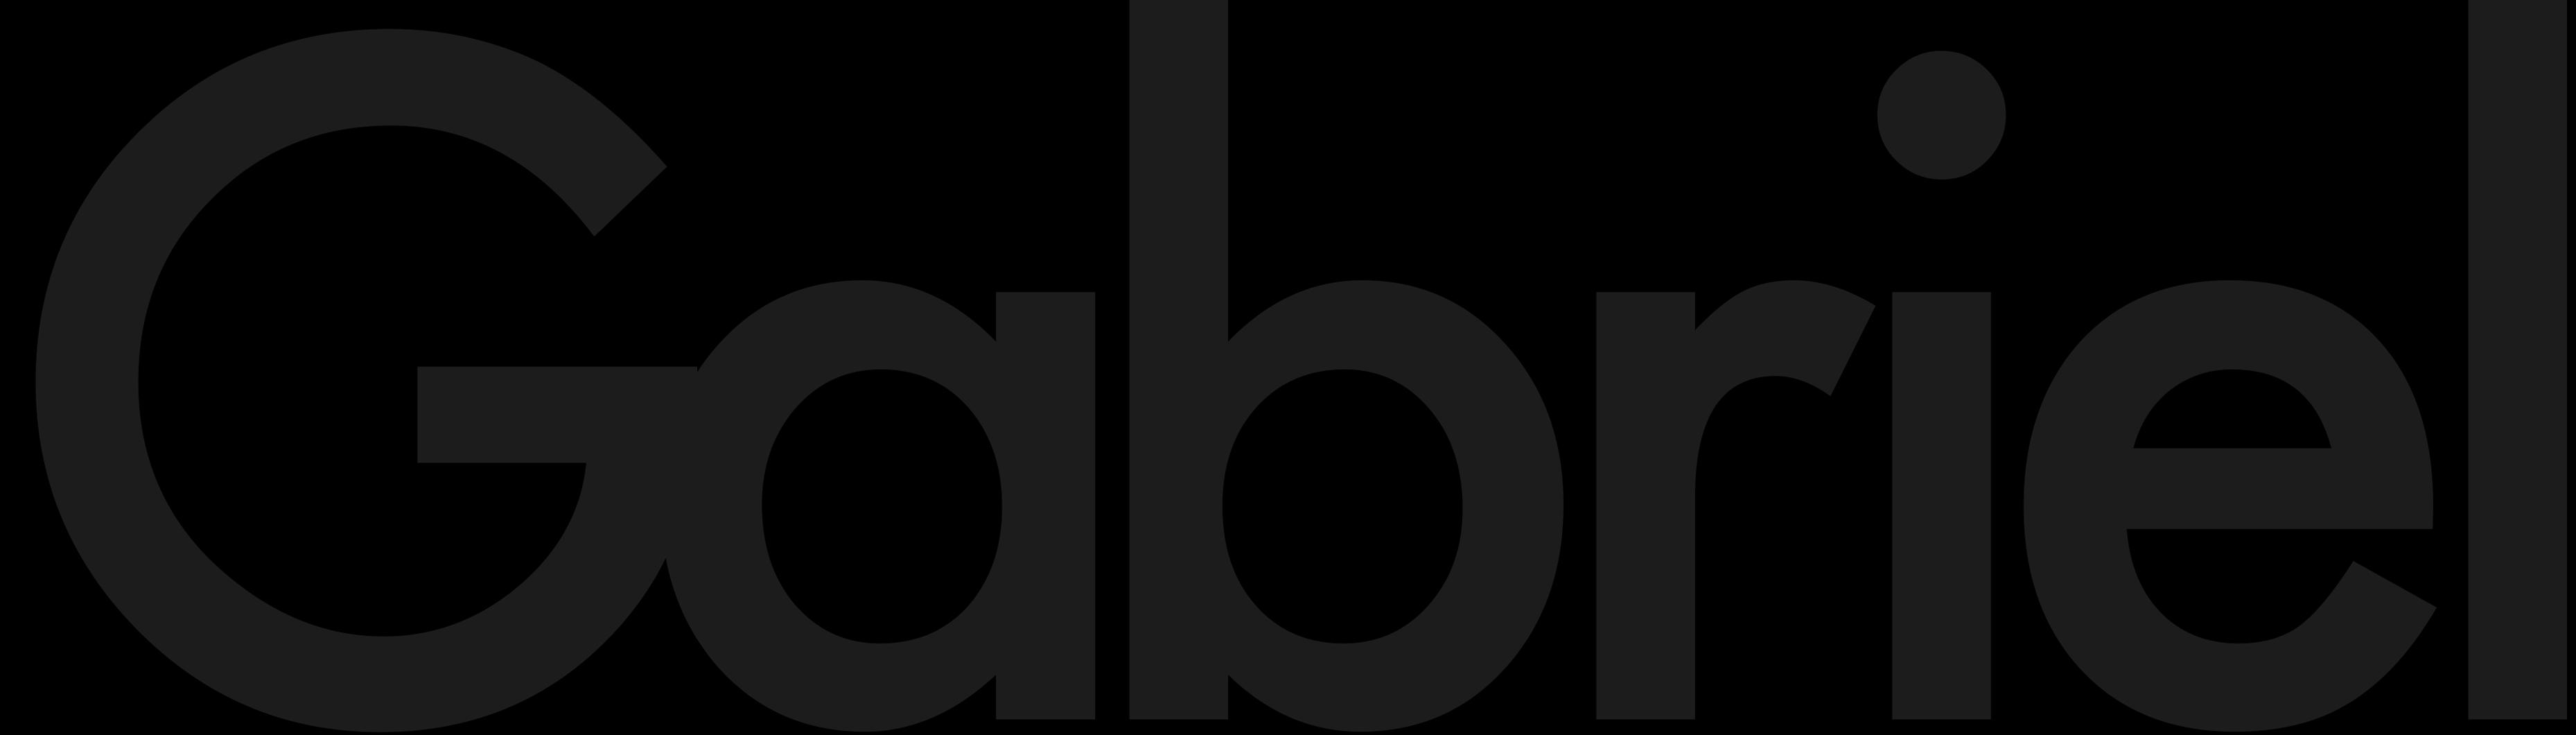 Gabriel international